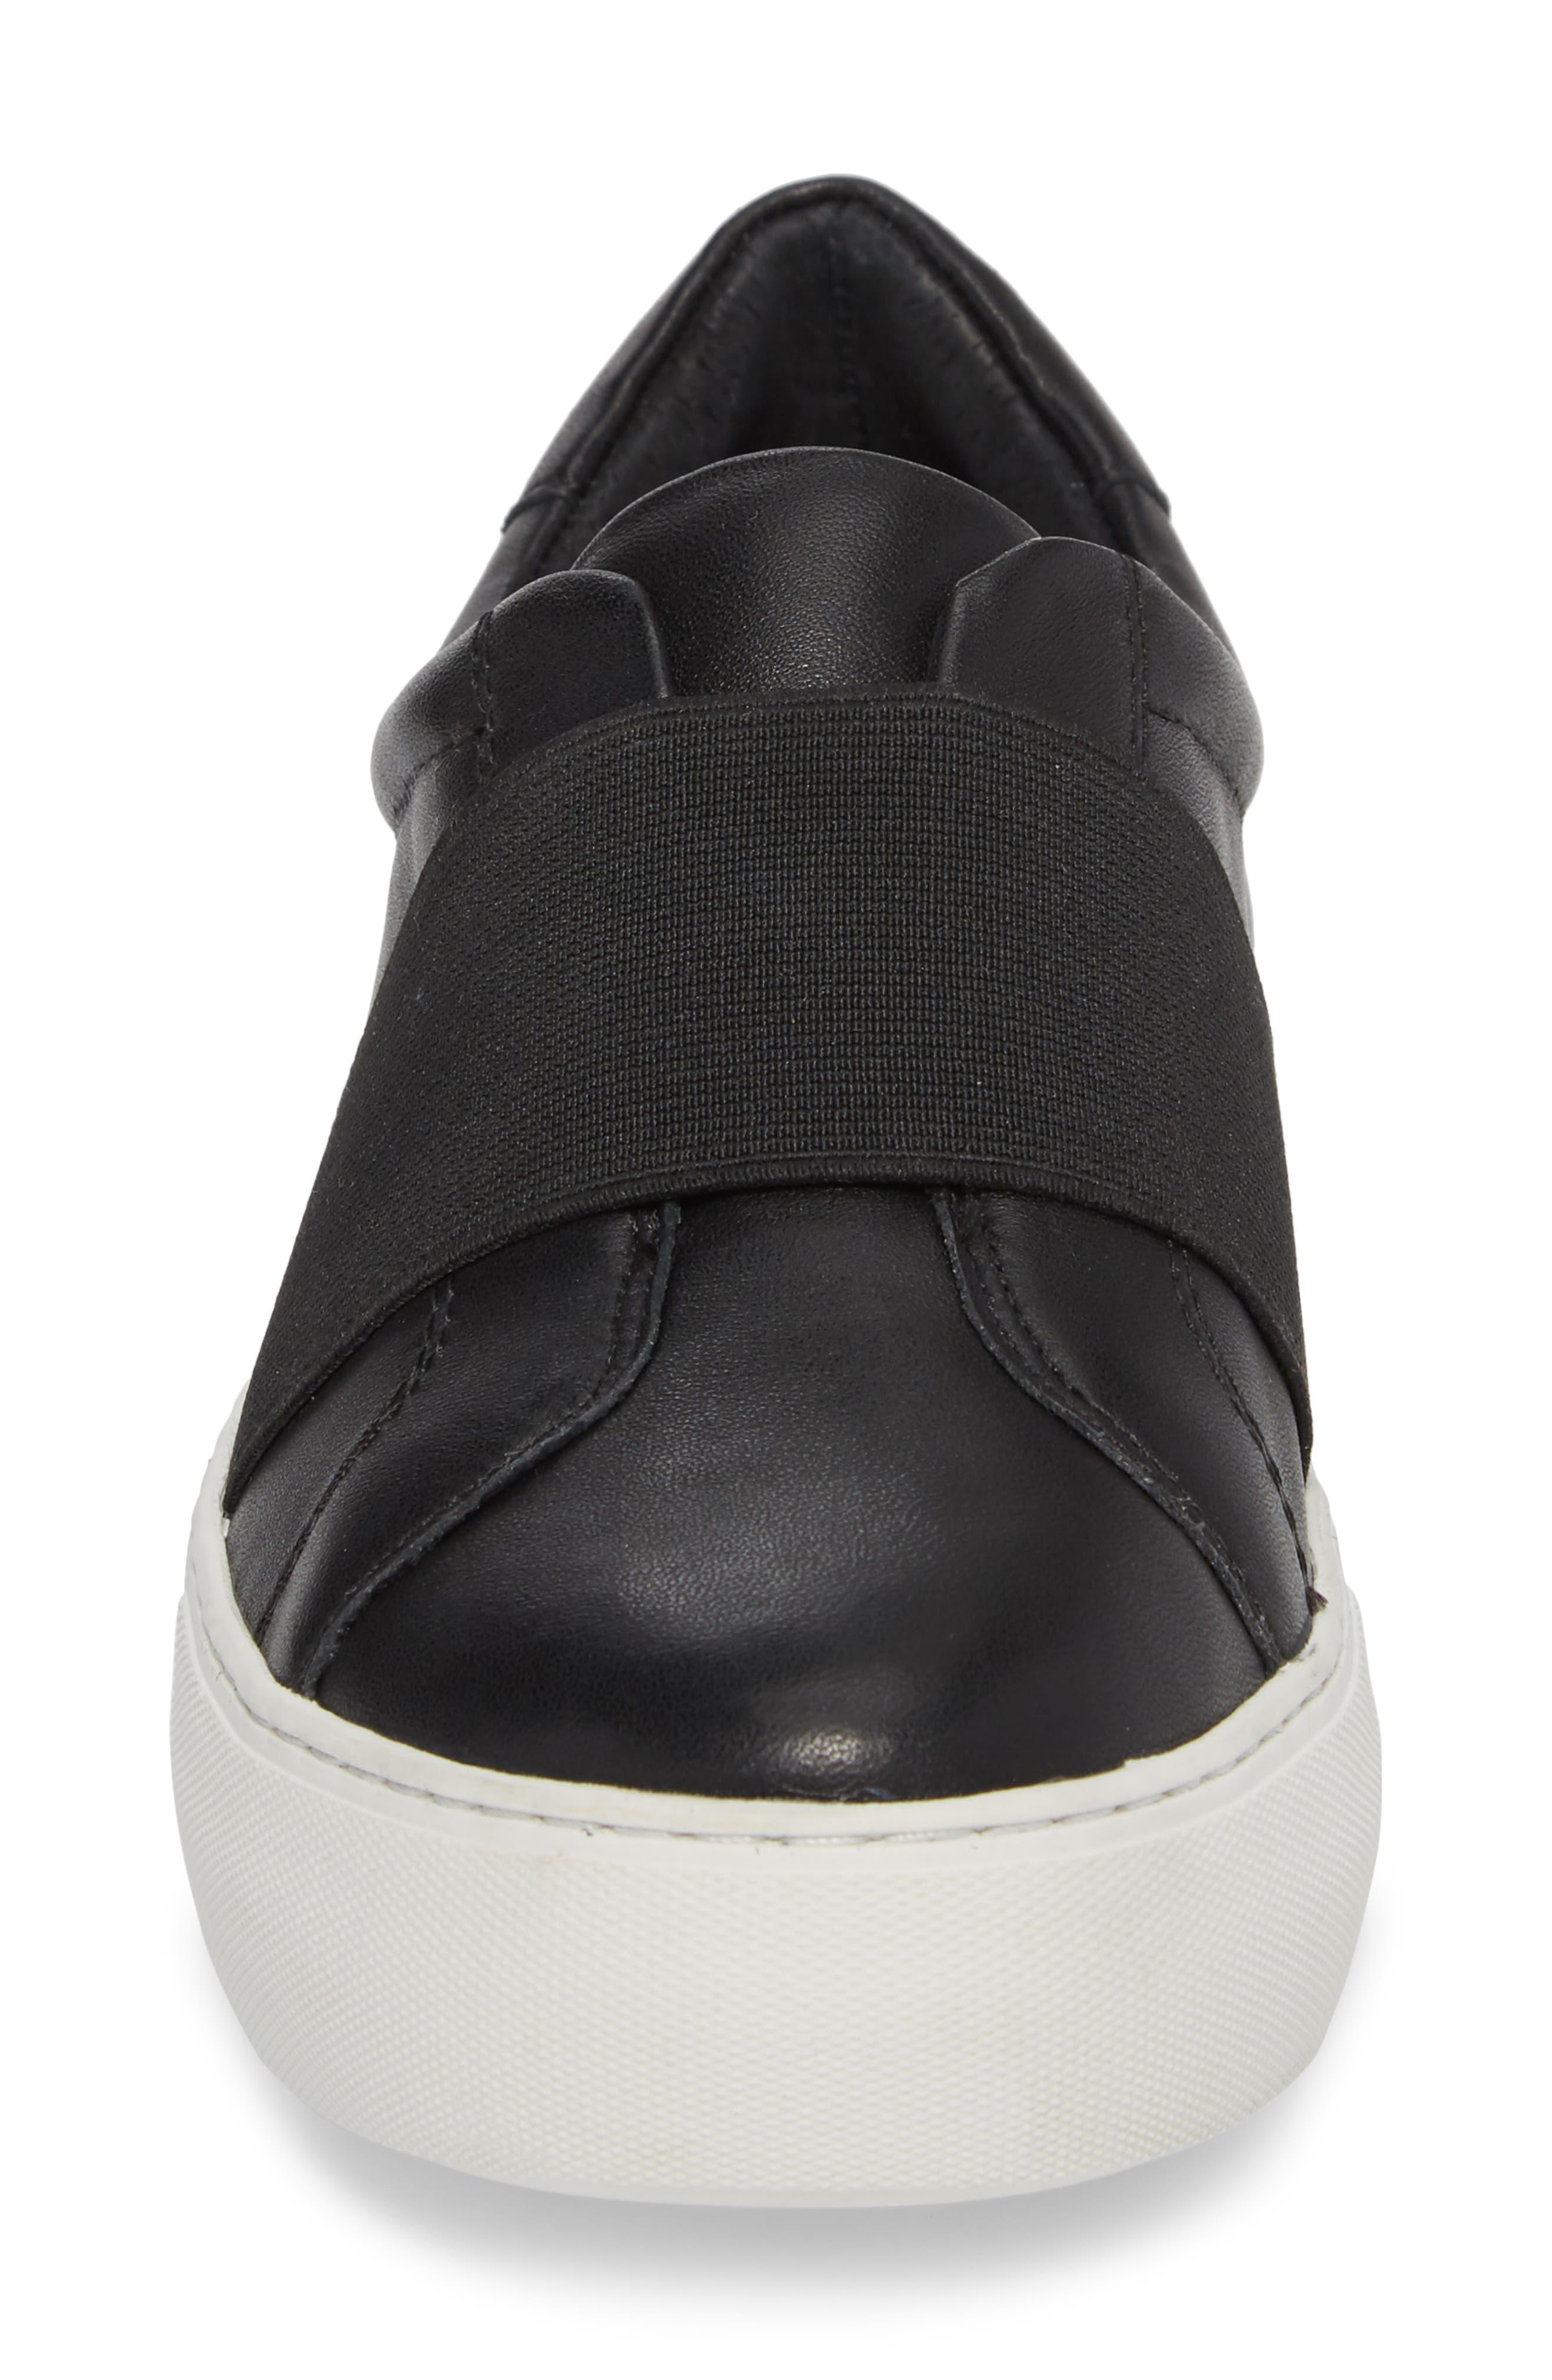 Adorn Slip-On Sneaker,                             Alternate thumbnail 4, color,                             Black/ Black Leather